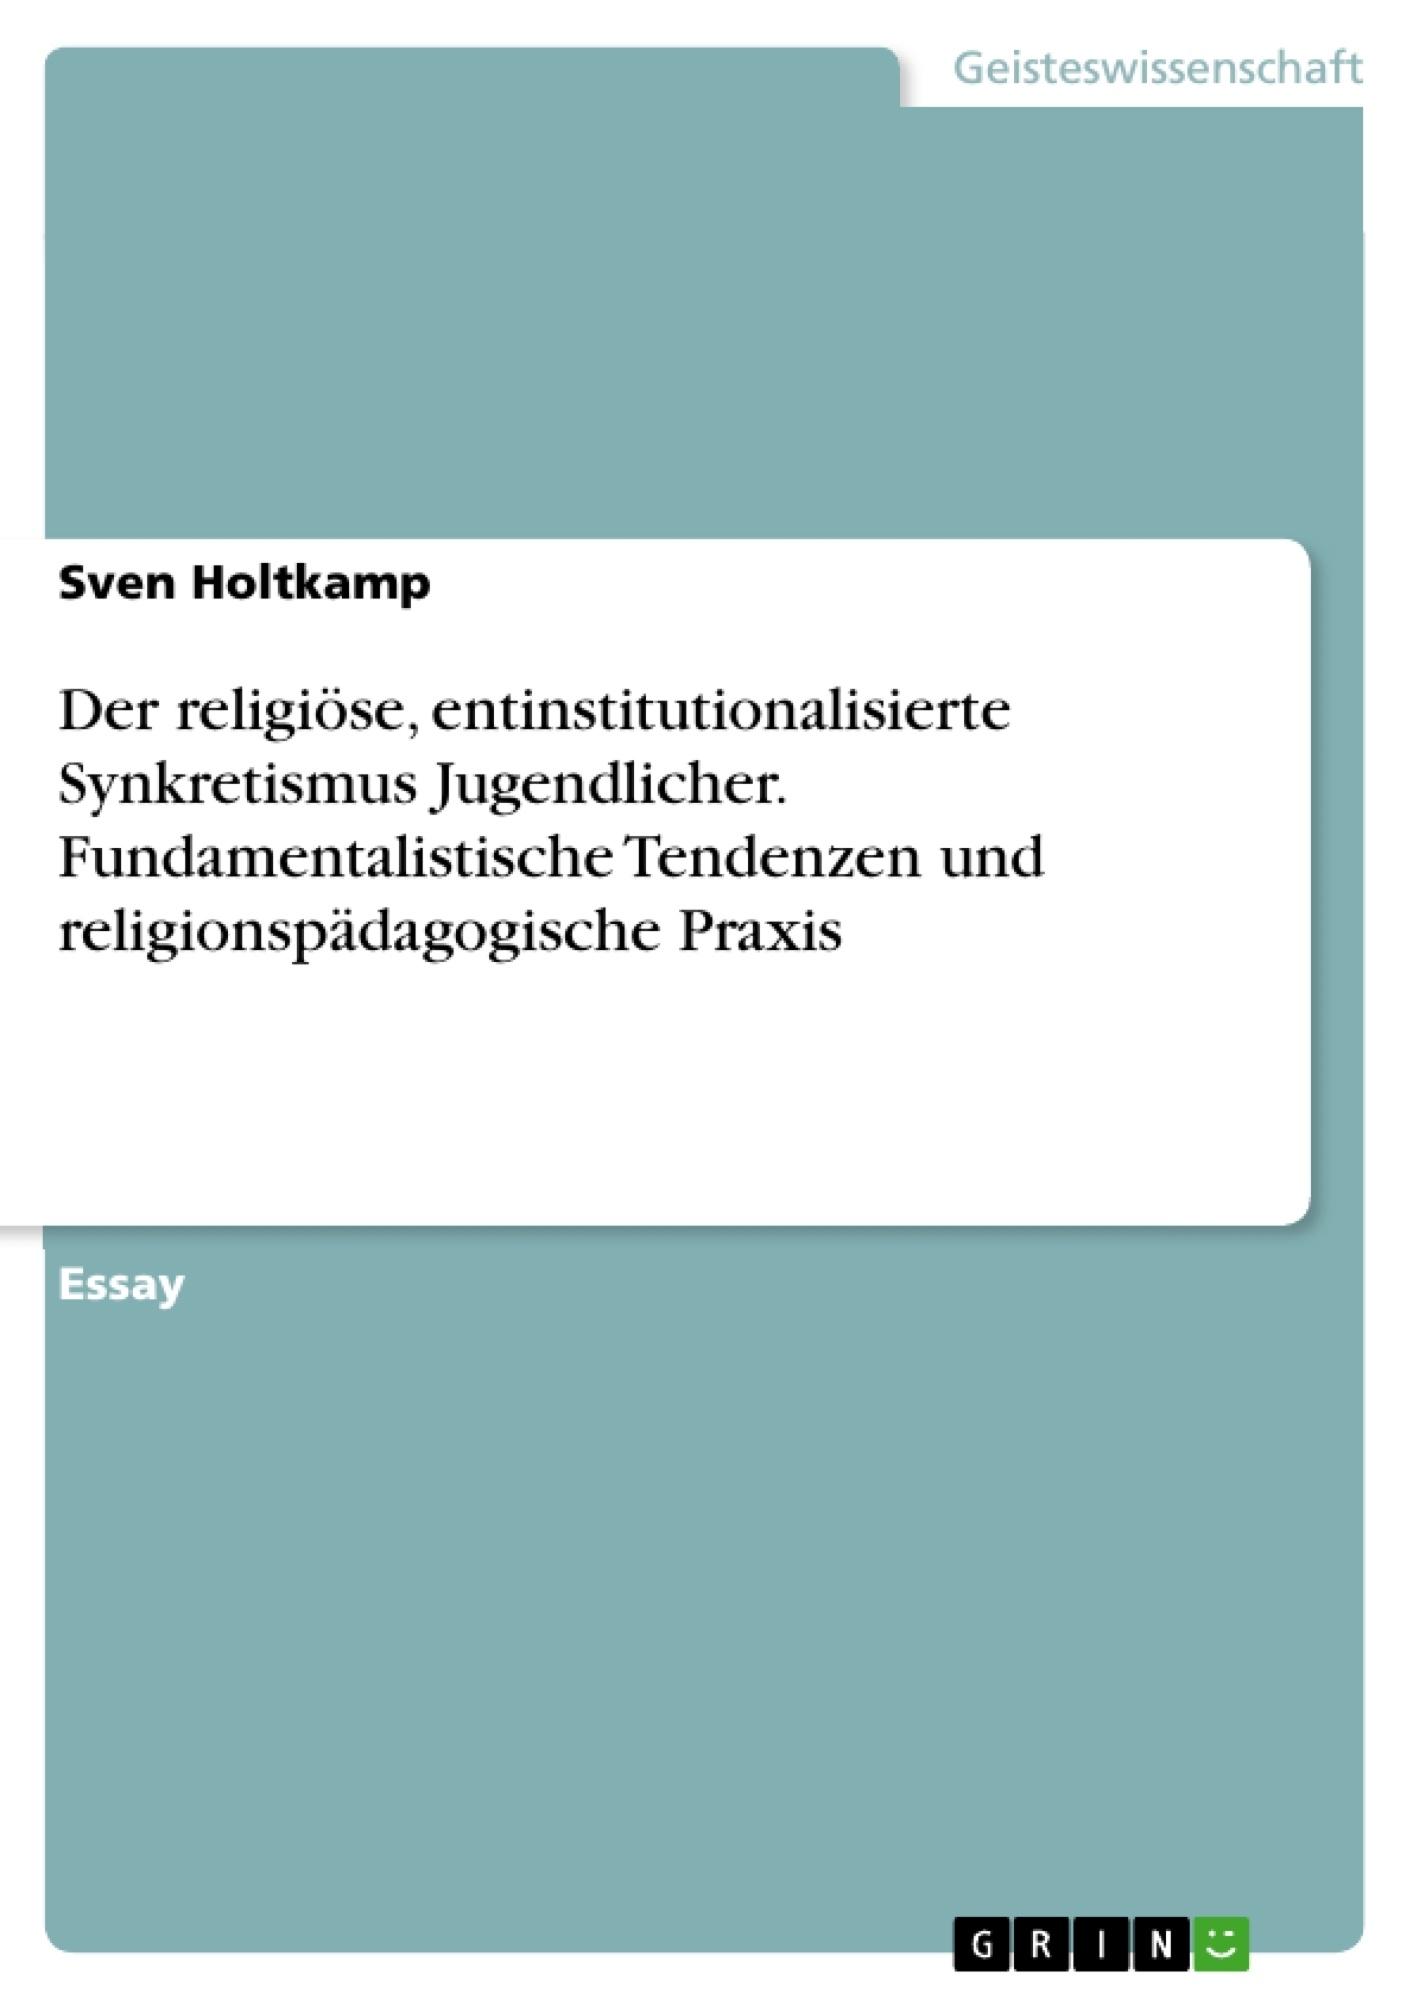 Titel: Der religiöse, entinstitutionalisierte Synkretismus Jugendlicher. Fundamentalistische Tendenzen und religionspädagogische Praxis